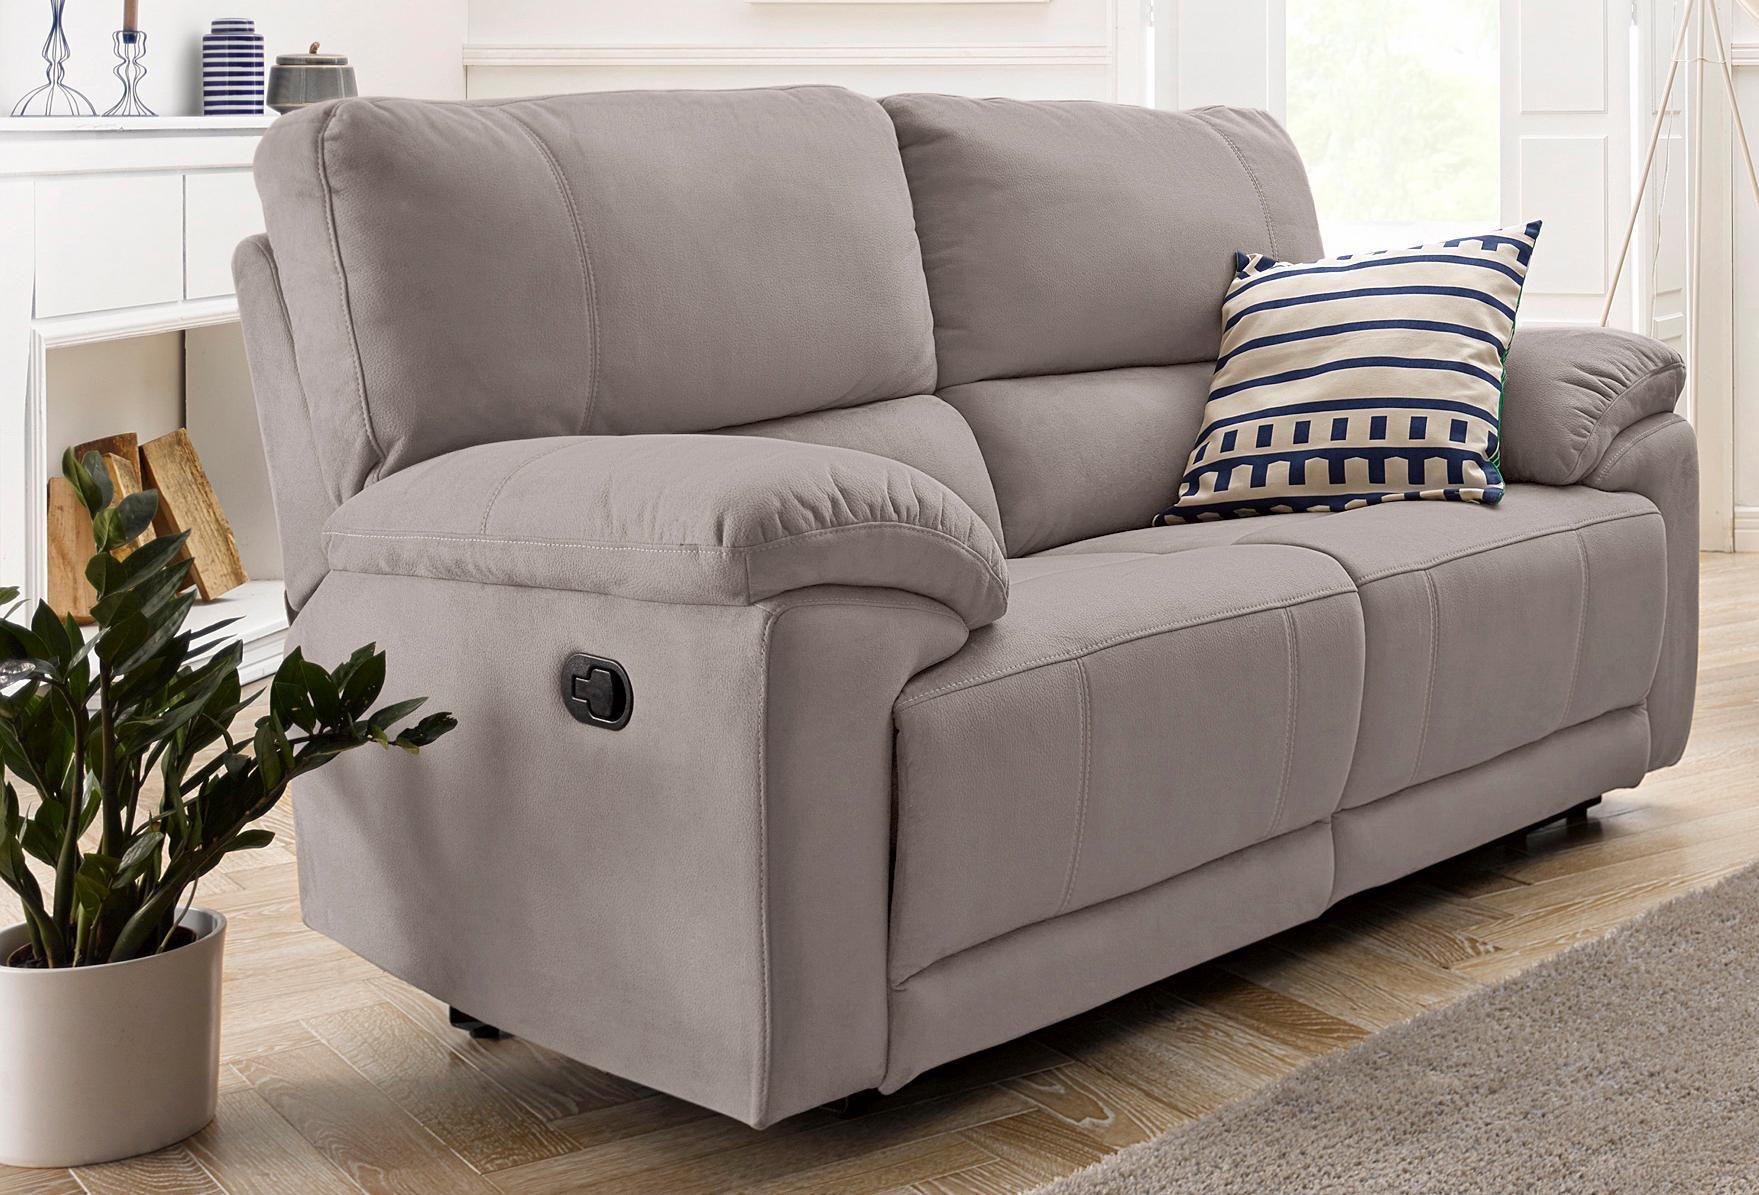 ATLANTIC HOME COLLECTION Atlantic Home Collection 2-Sitzer, mit Relaxfunktion und Federkern